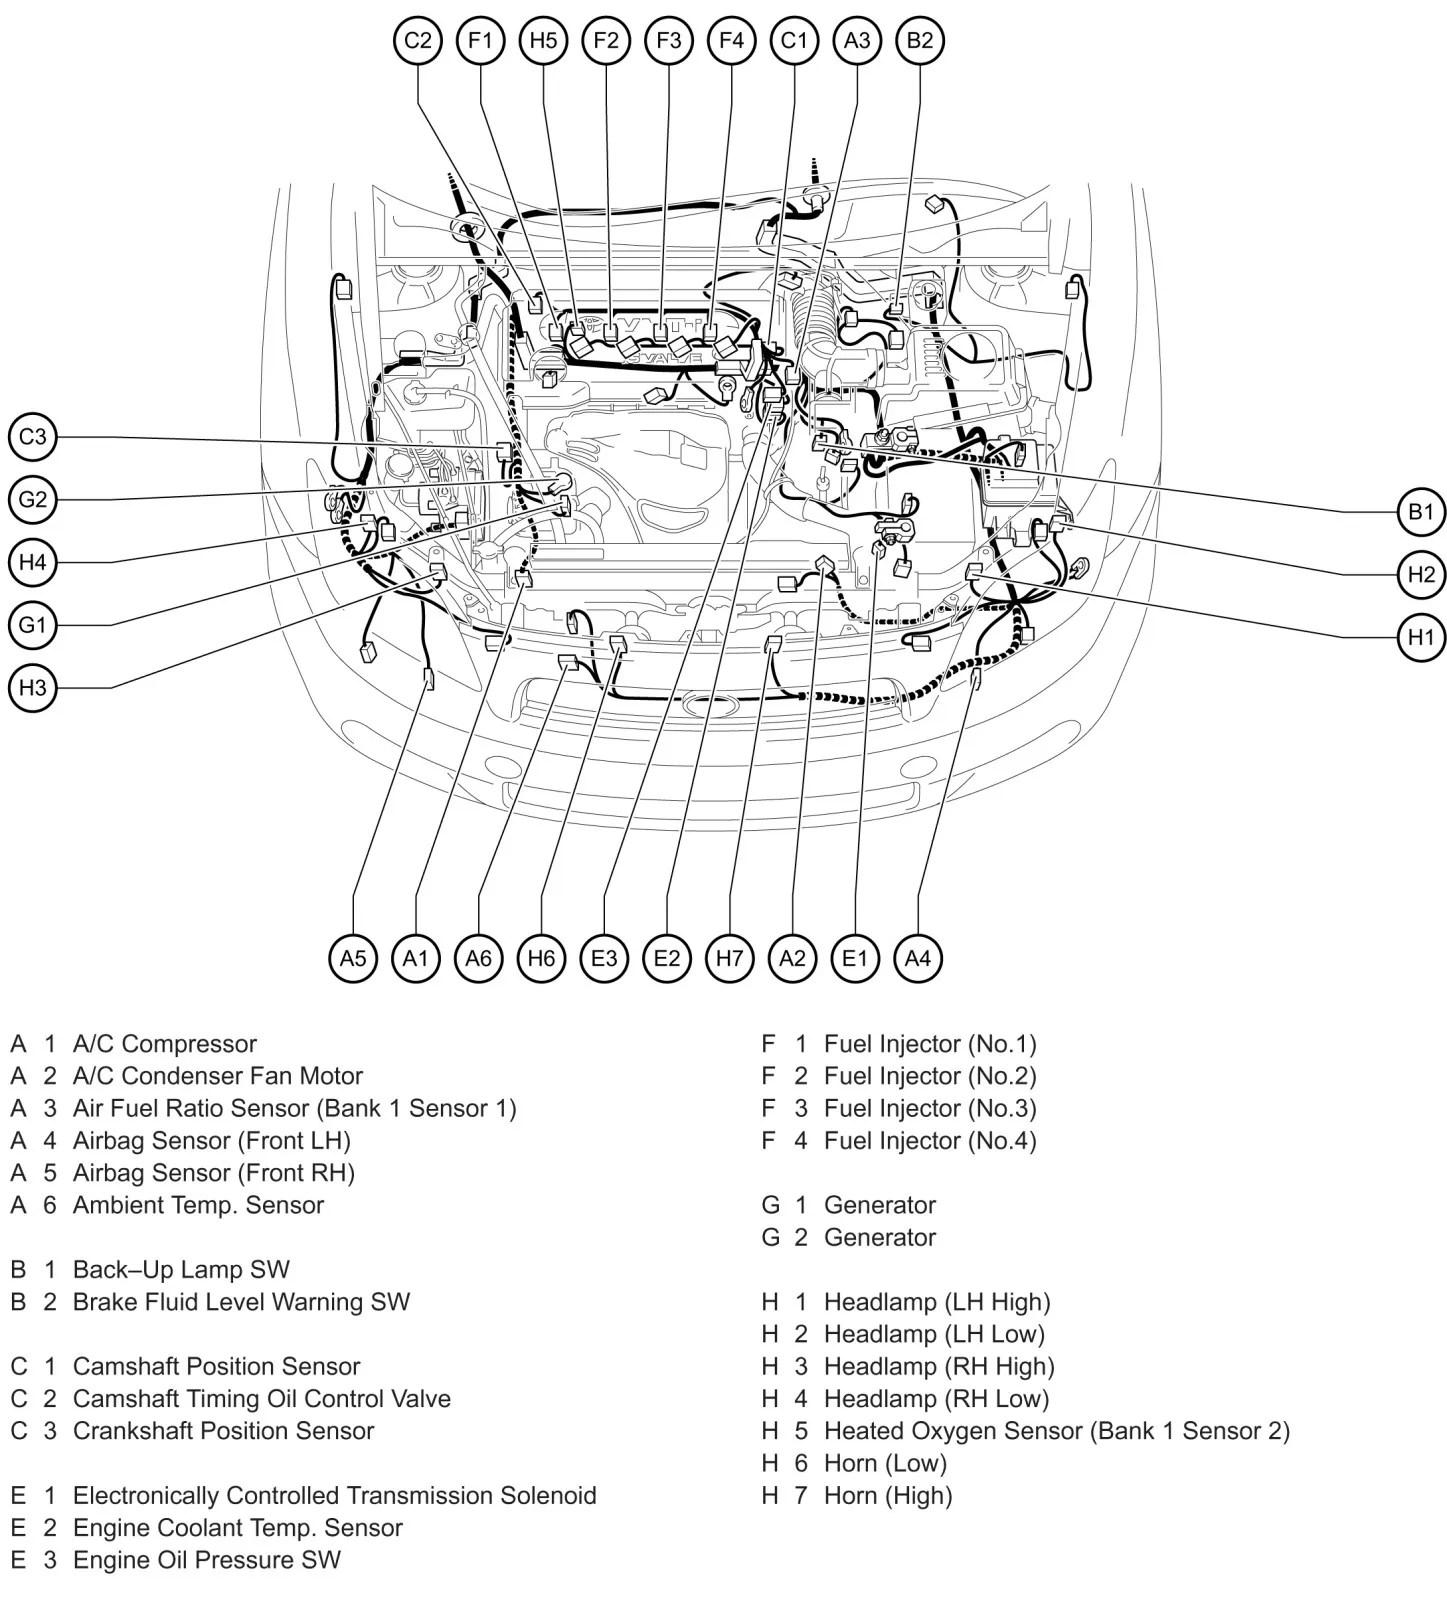 Scion Tc Radio Diagram - on 2006 camry wiring diagram, 2008 scion tc wiring diagram, scion tc radio pinout, scion tc fuse box diagram,